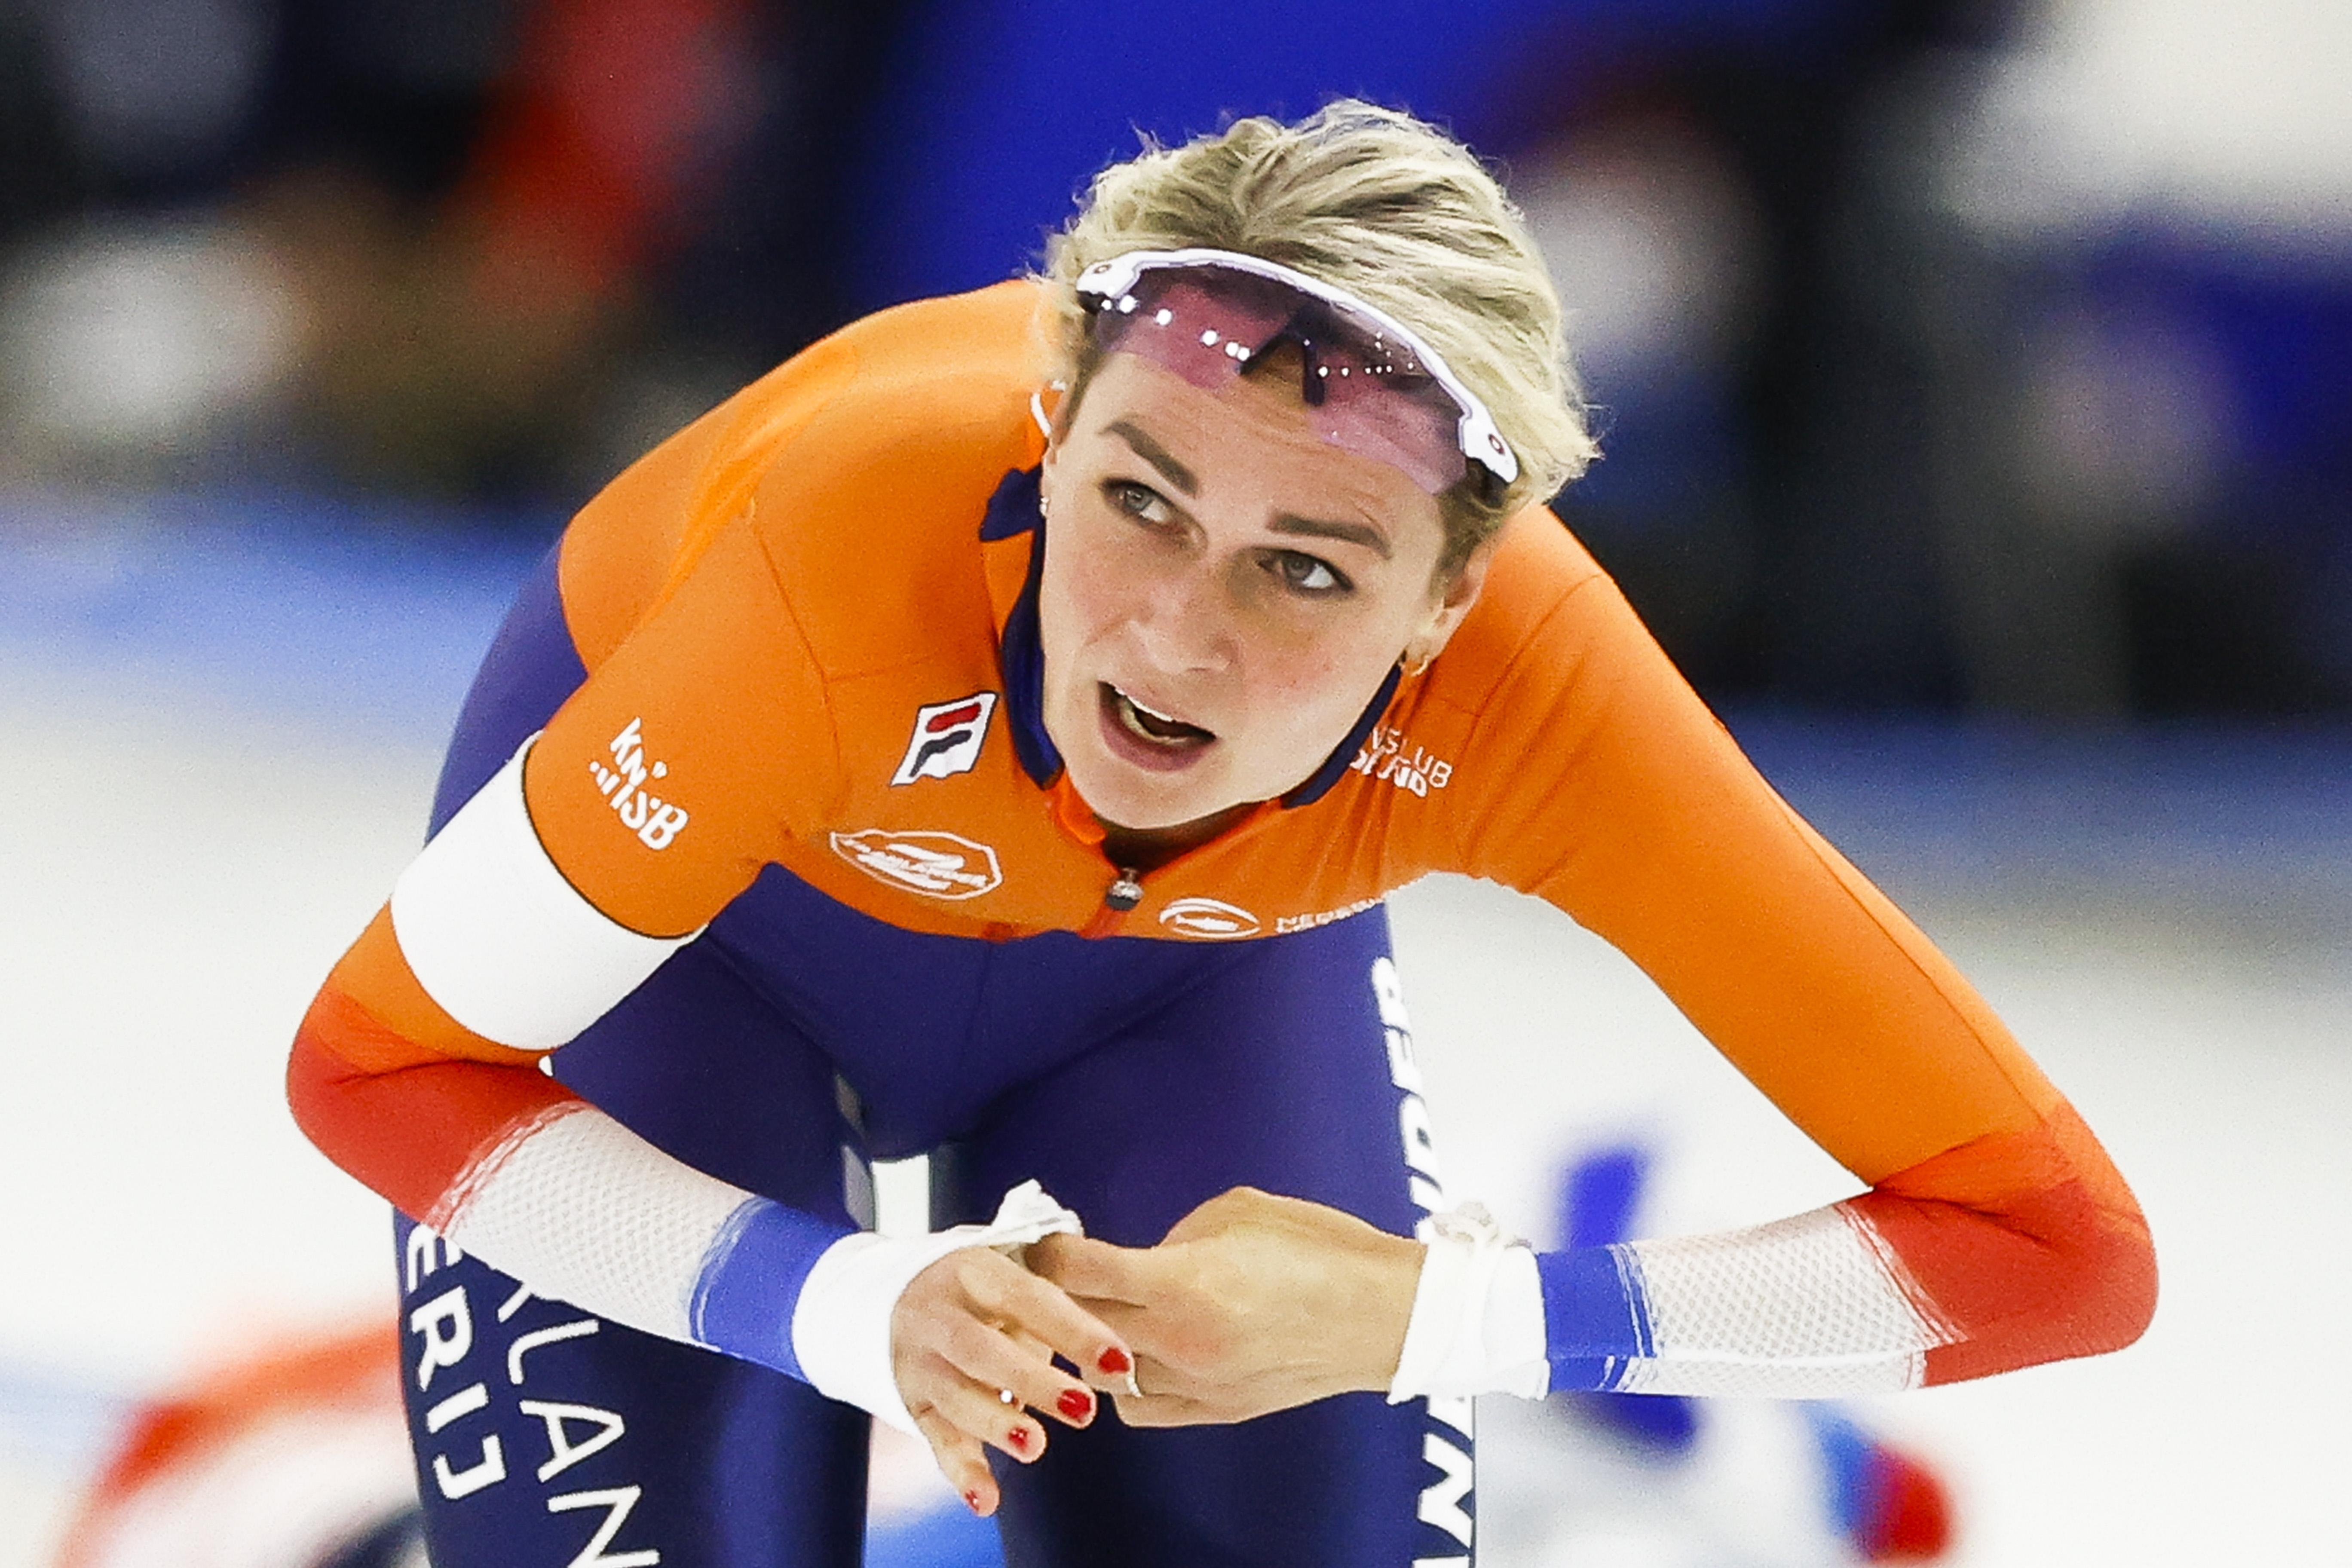 Schaatsster Irene Schouten verrast met zilver op 'bonus'-EK allround